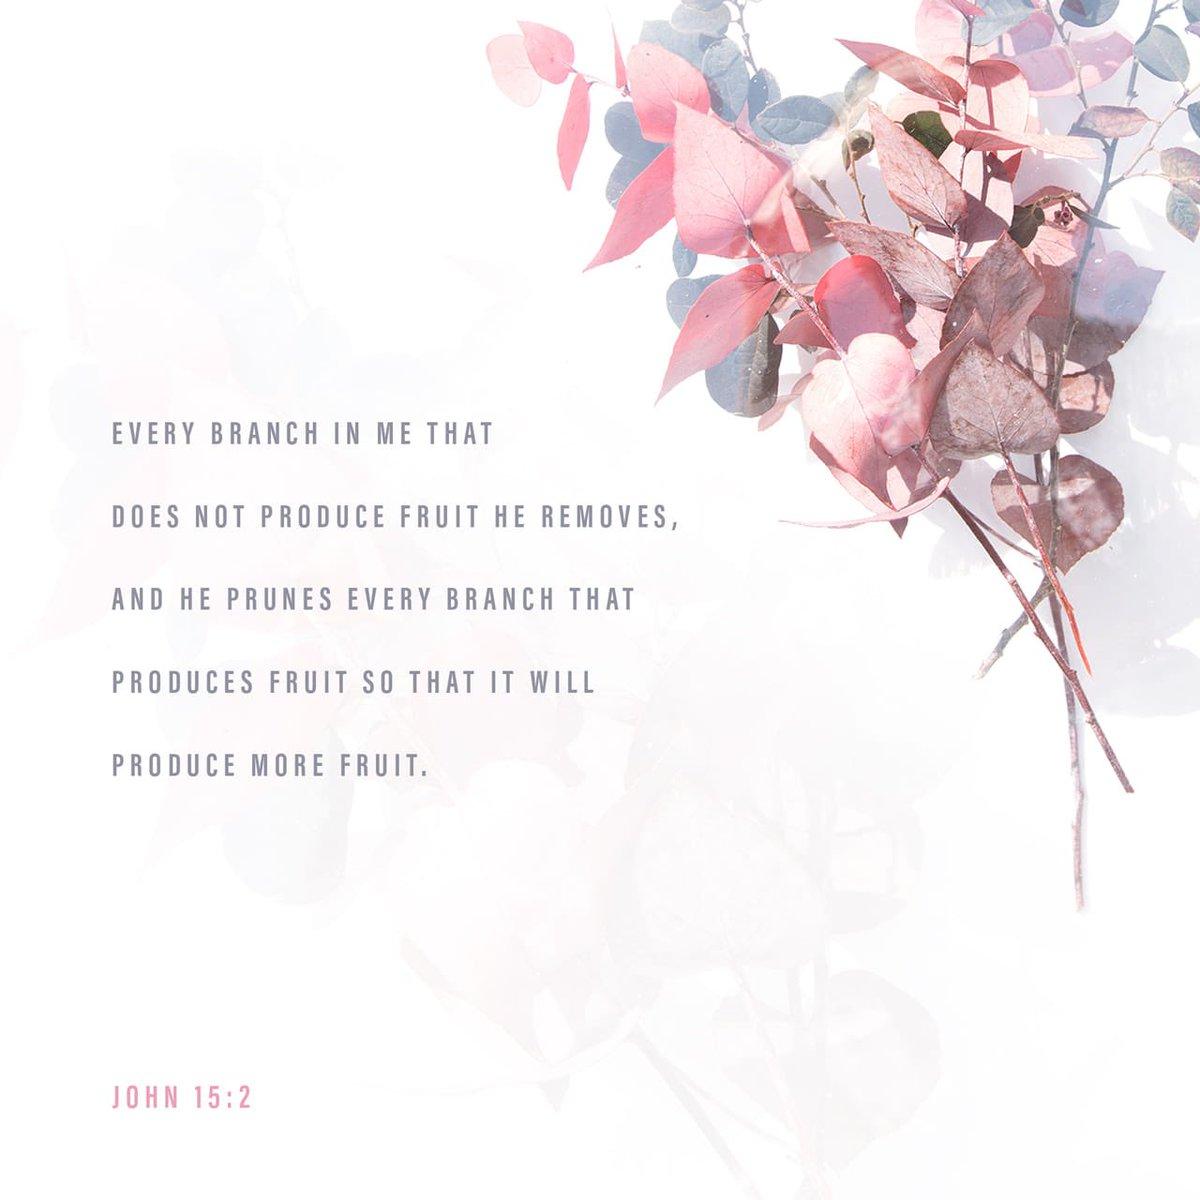 bible.com/59/jhn.15.2.esv